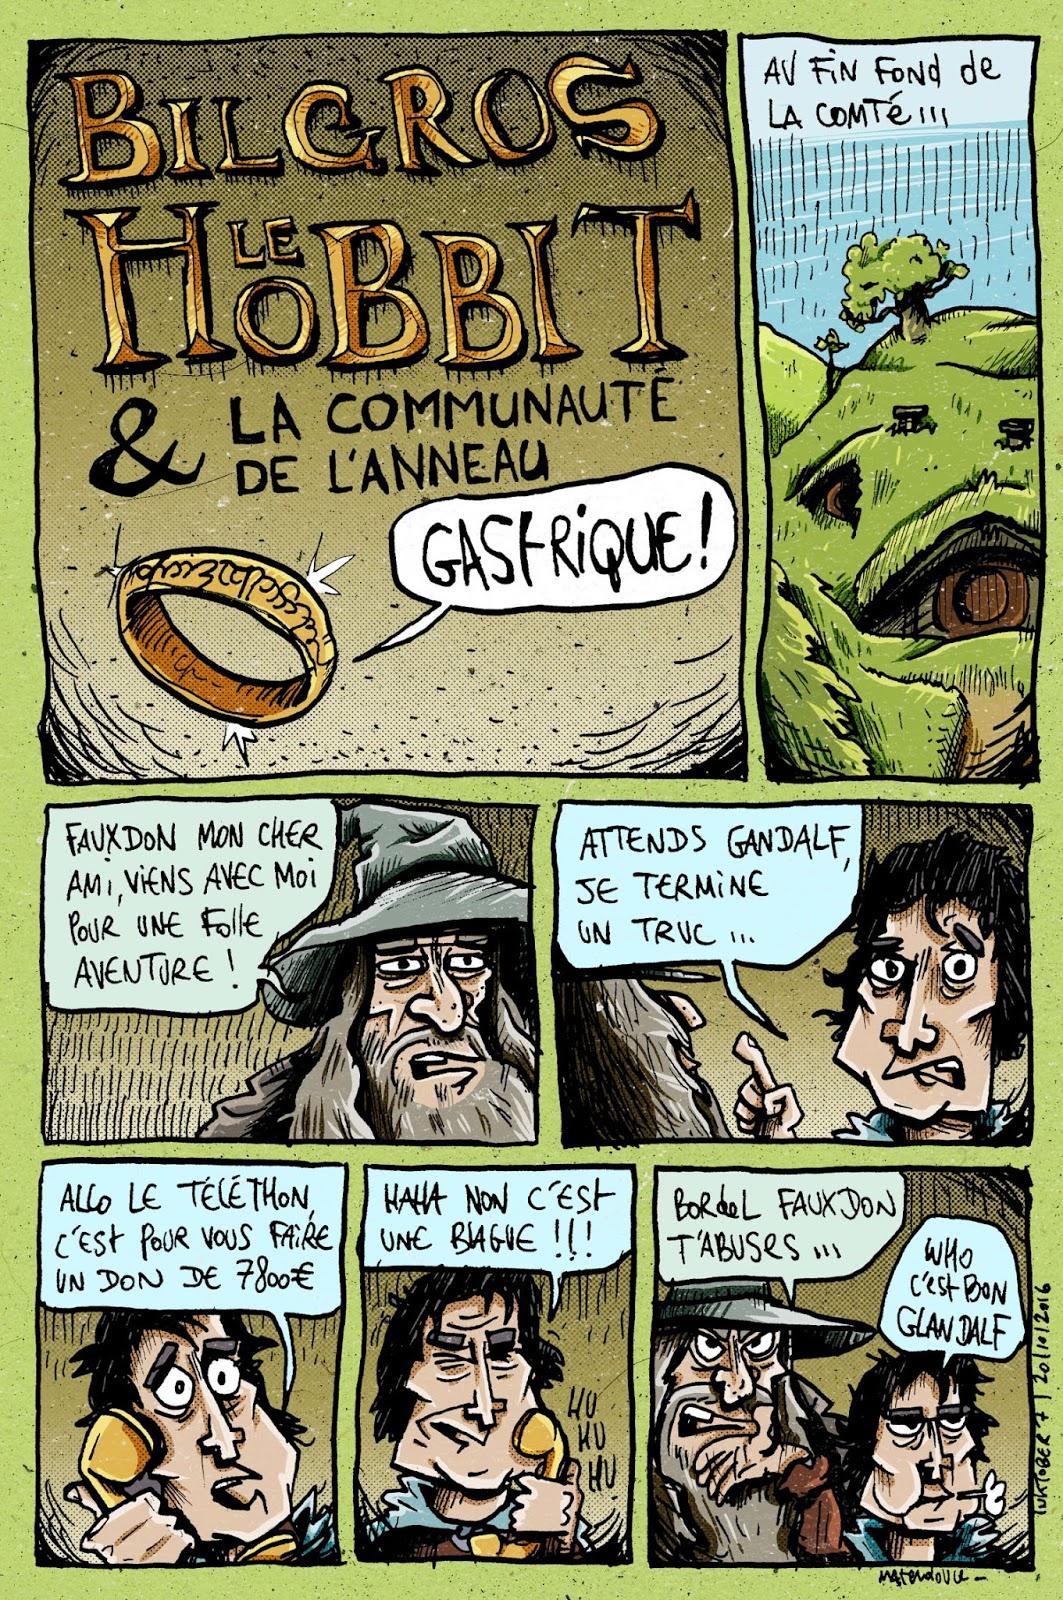 Bilgros le Hobbit & la communauté de l'anneau gastrique